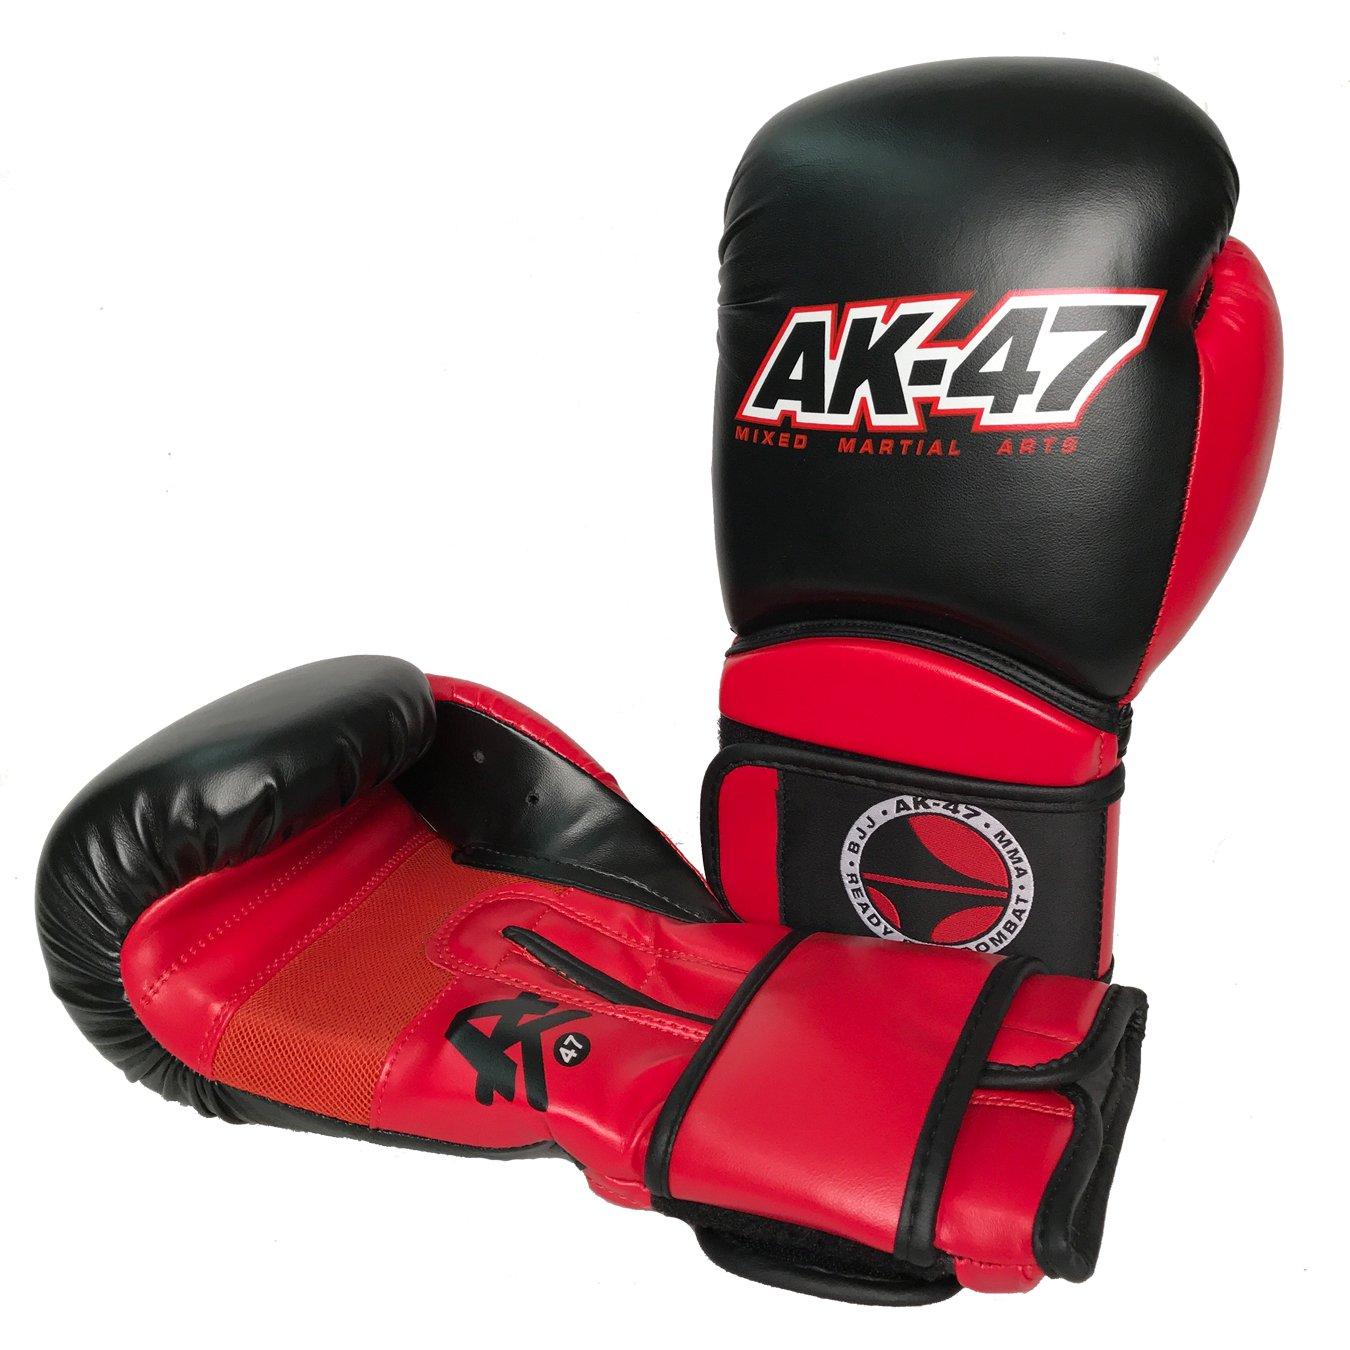 AK - 47 MMAビニールタイ式/ボクシンググローブ  16oz